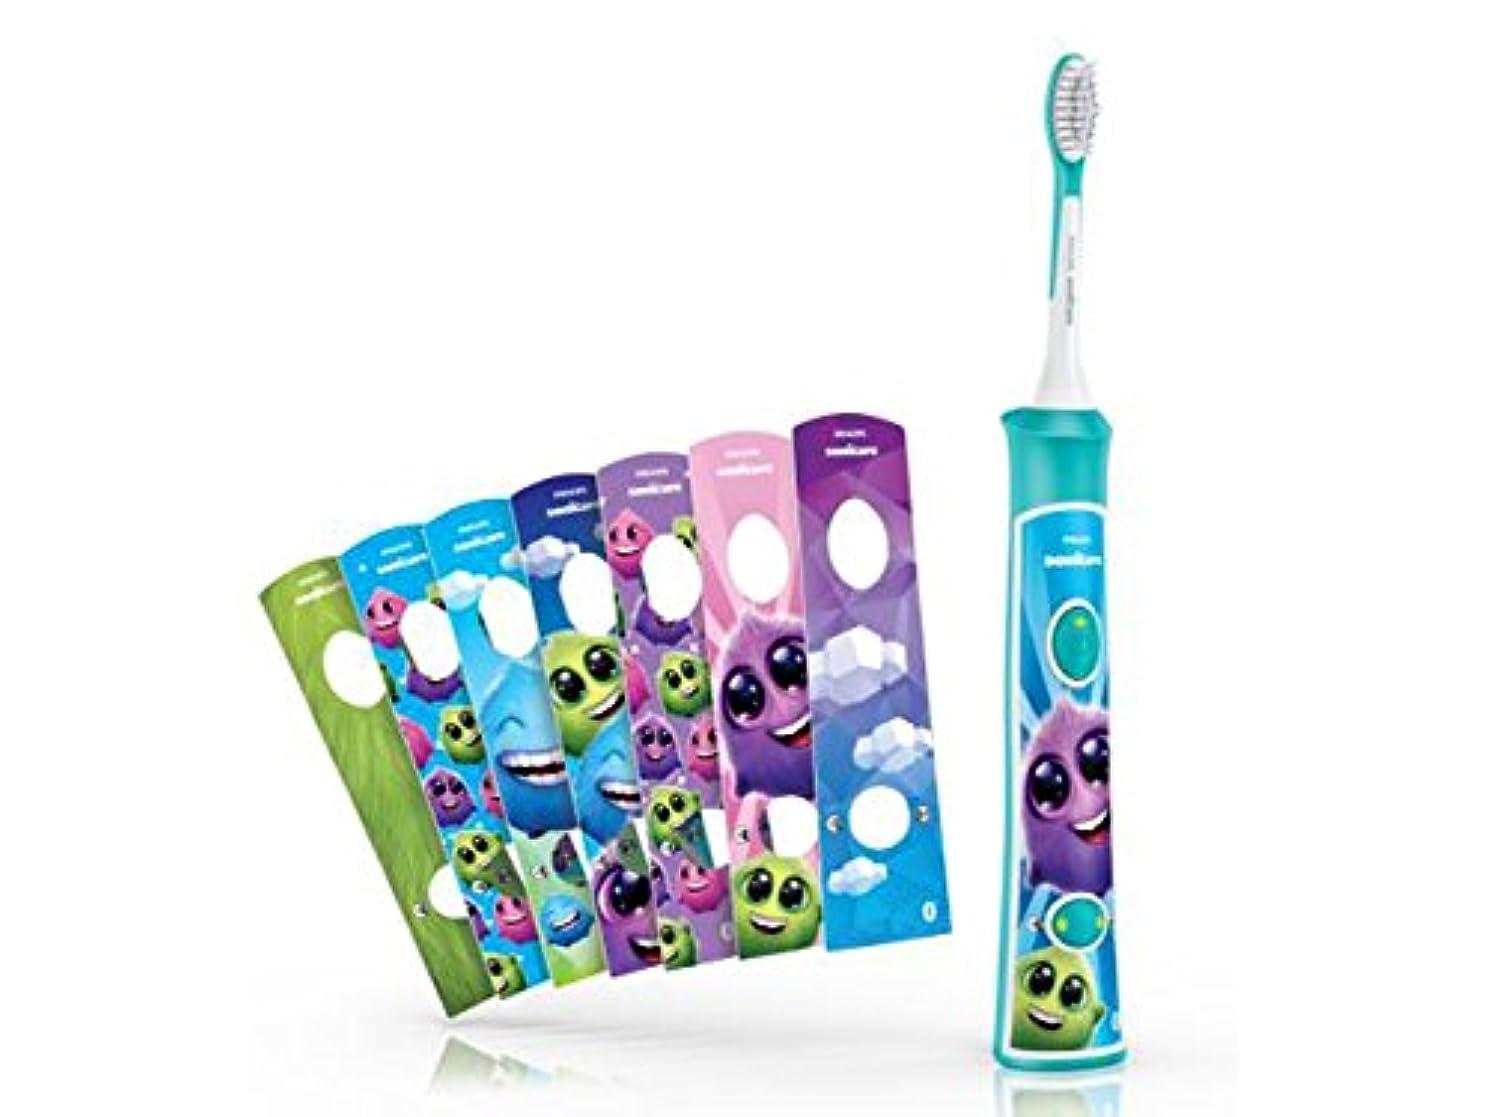 限定過度にトランジスタフィリップス ソニッケアー キッズ こども用電動歯ブラシ アプリ連動 HX6321/03